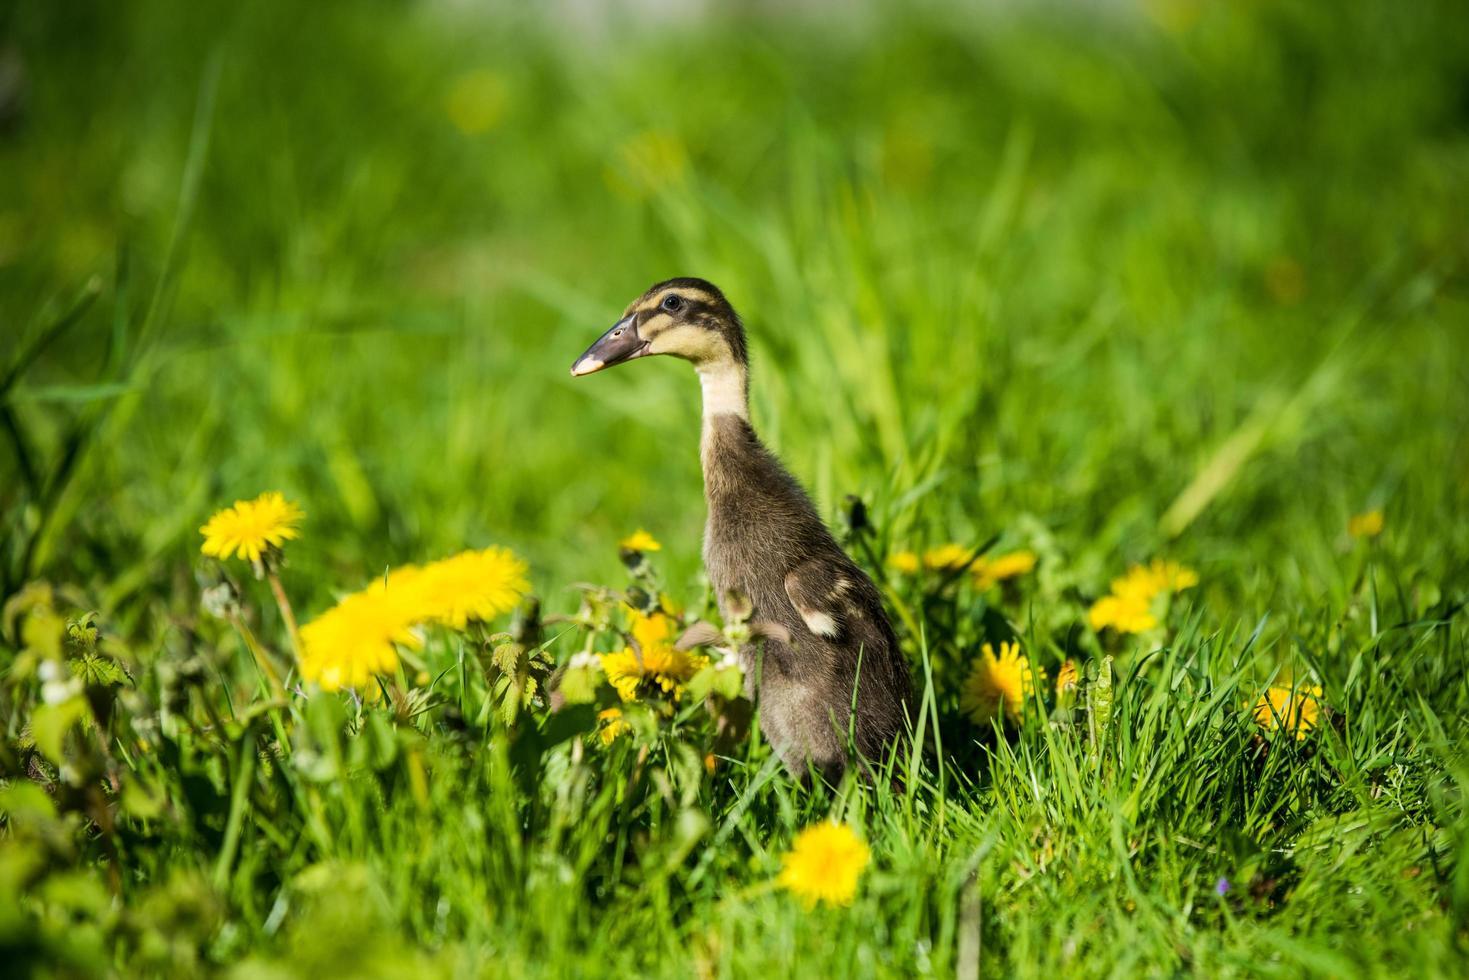 eendje zittend in groen gras foto